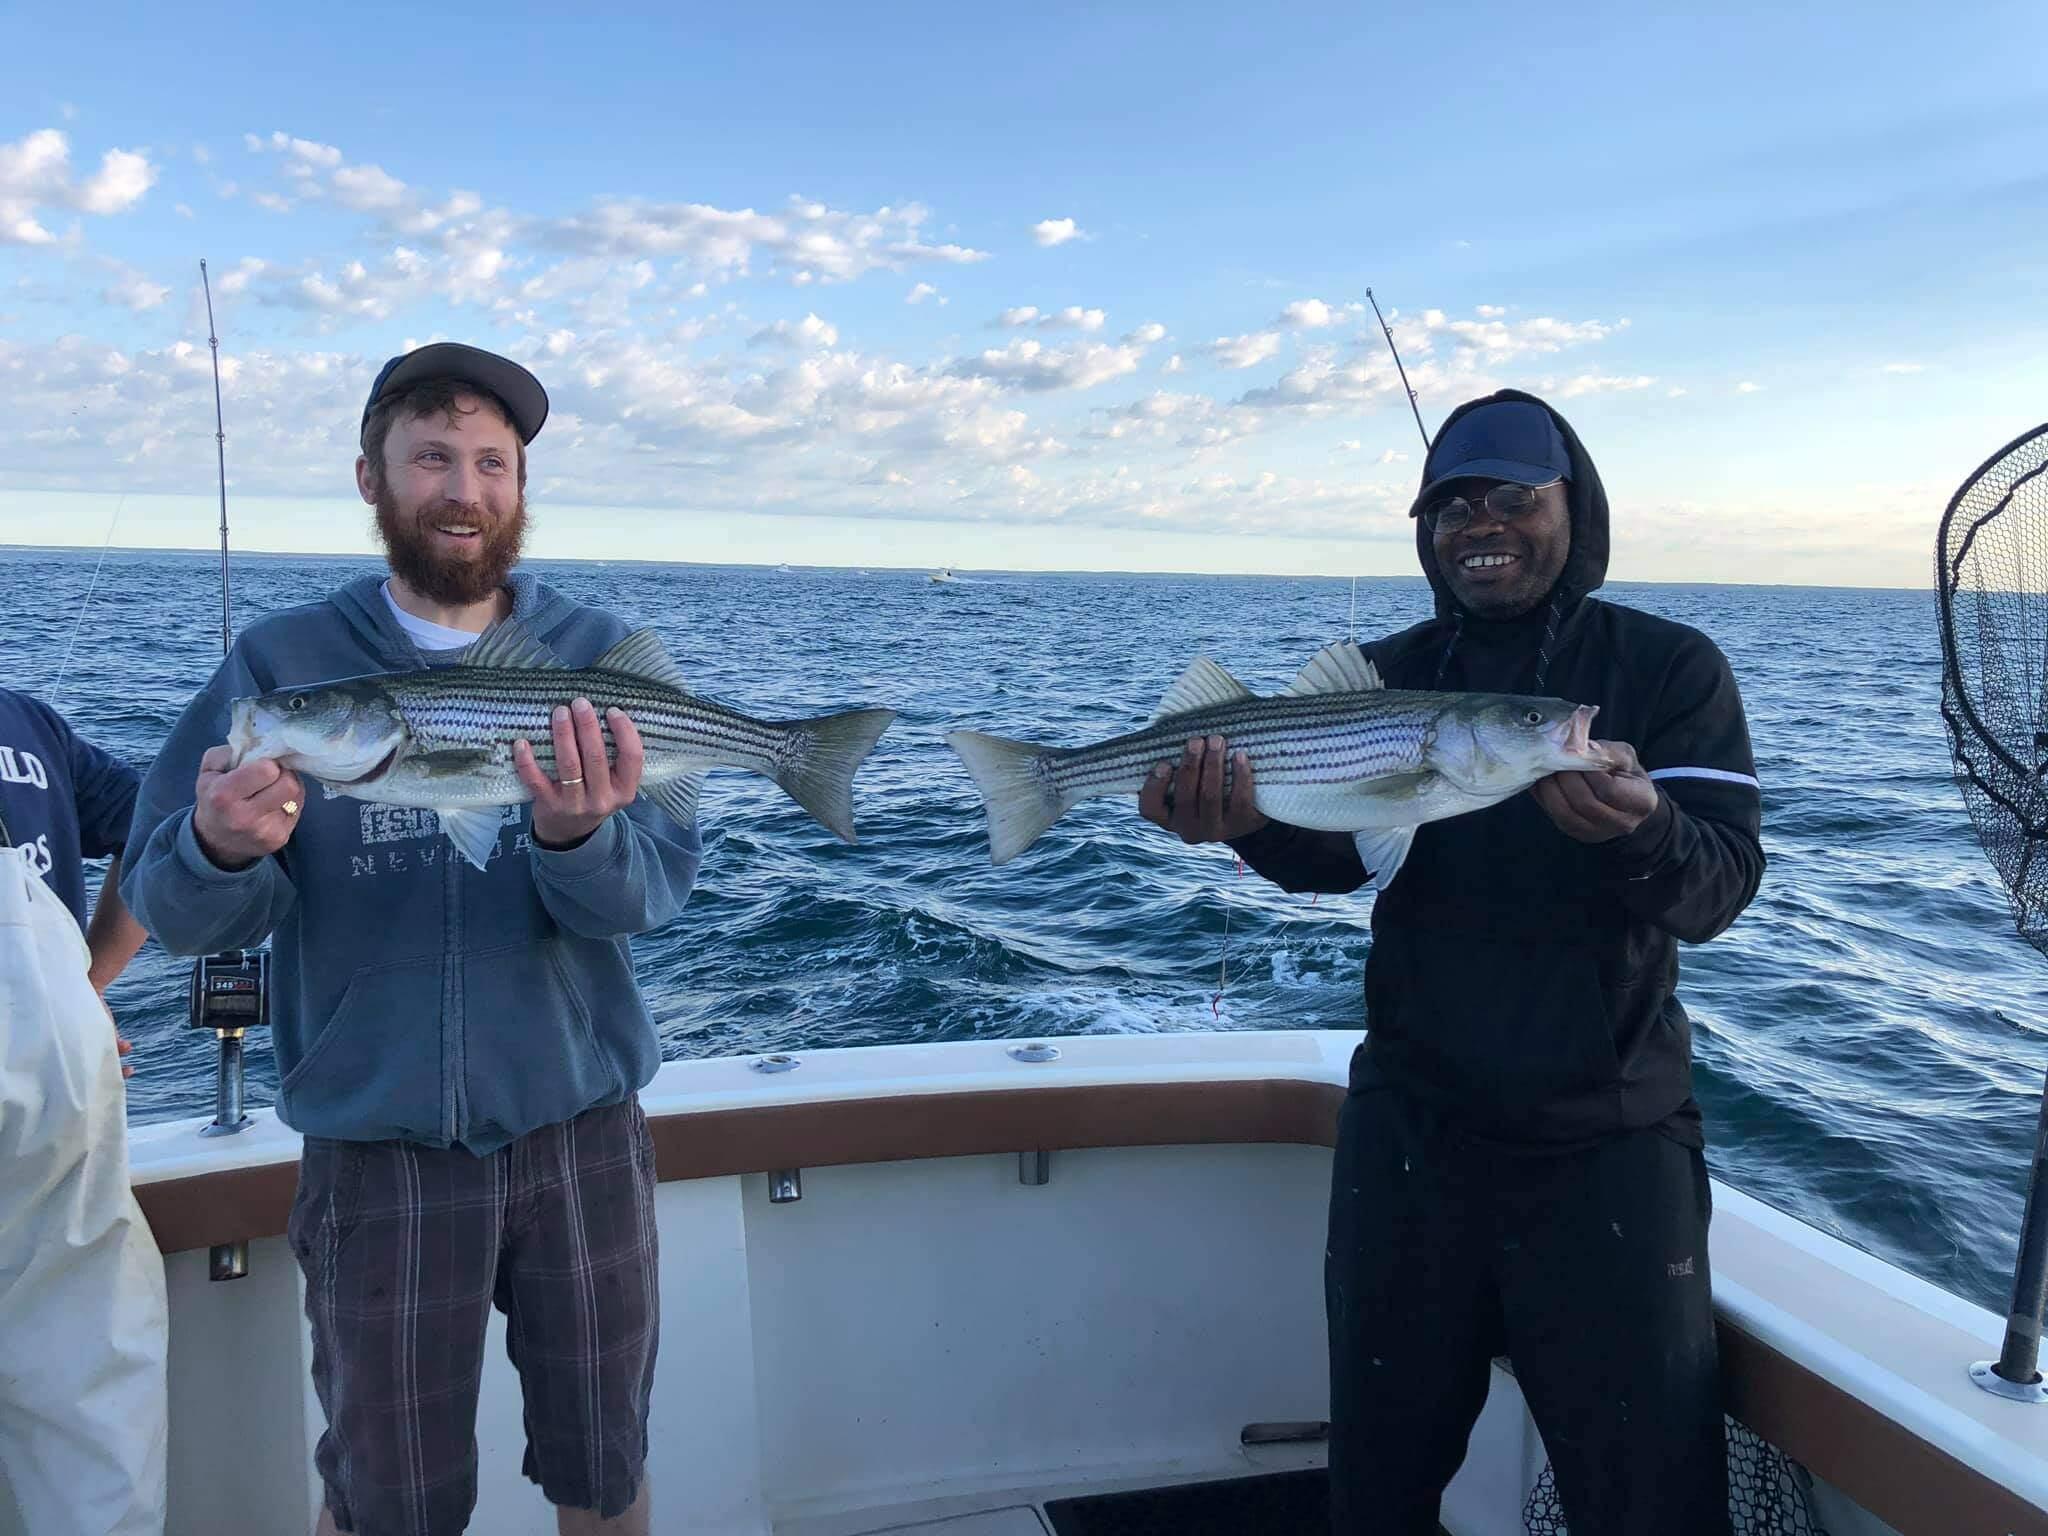 Rhode Island Fishing Charter